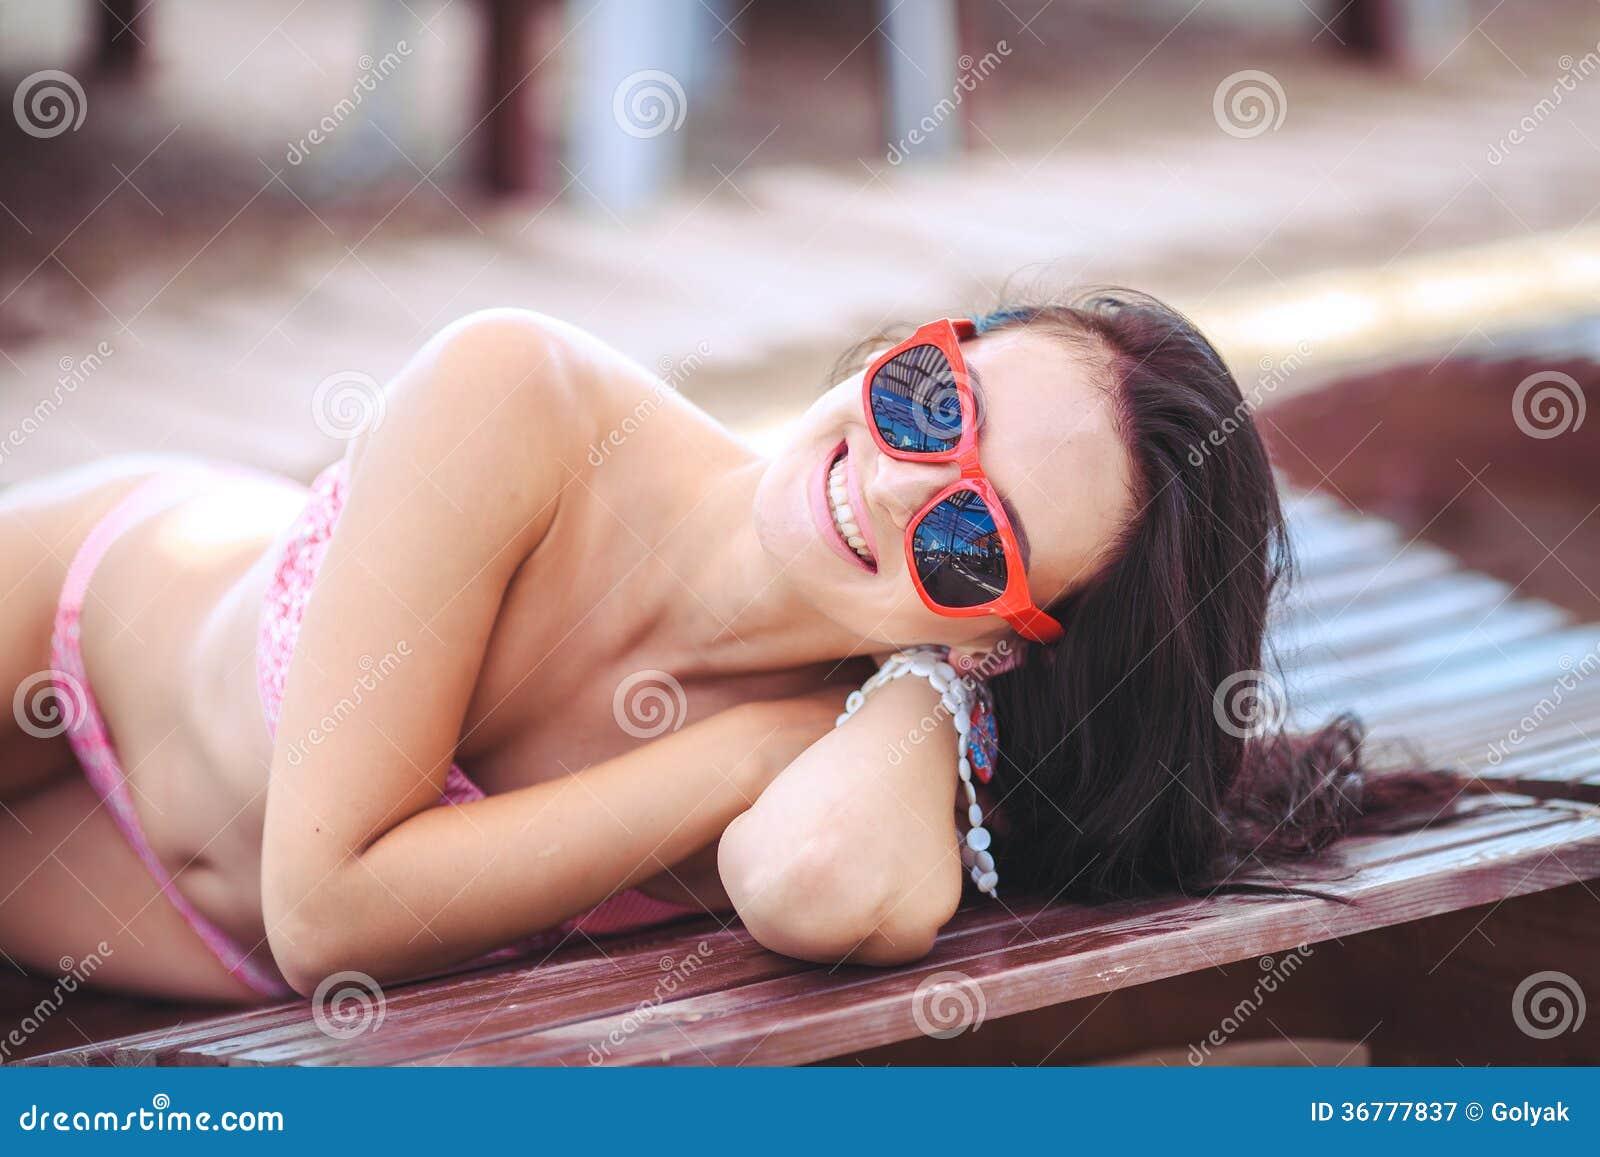 Woman sunbathing in bikini at tropical travel resort. Beautiful young woman lying on sun lounger near pool.